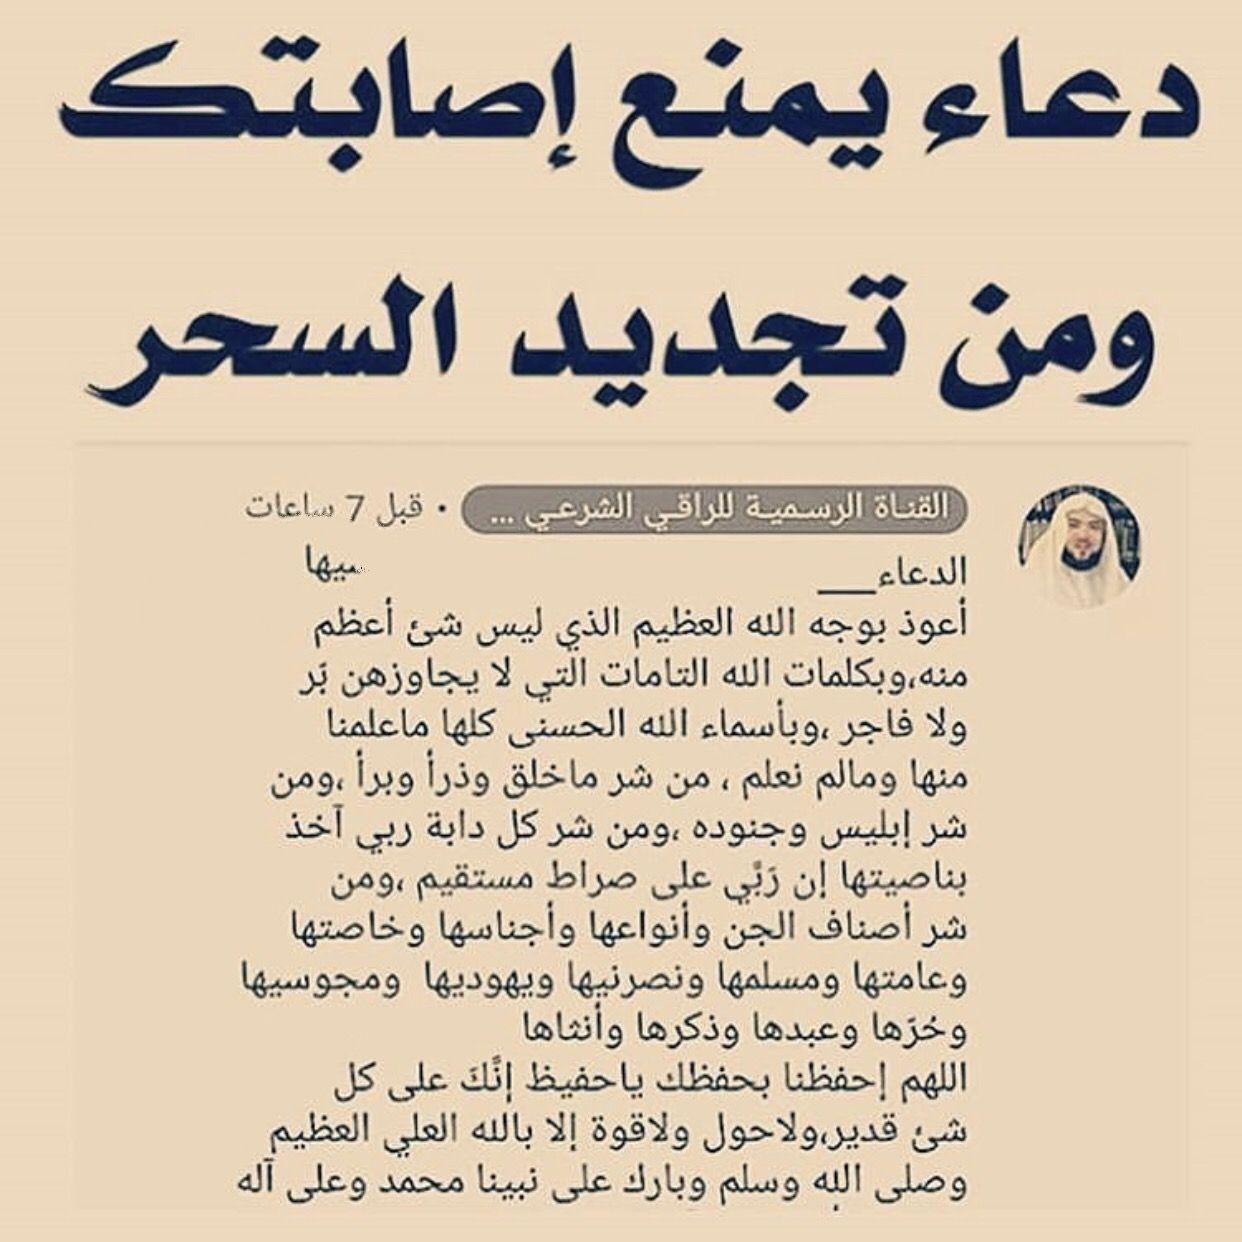 qurani ayat pour perdre du poids